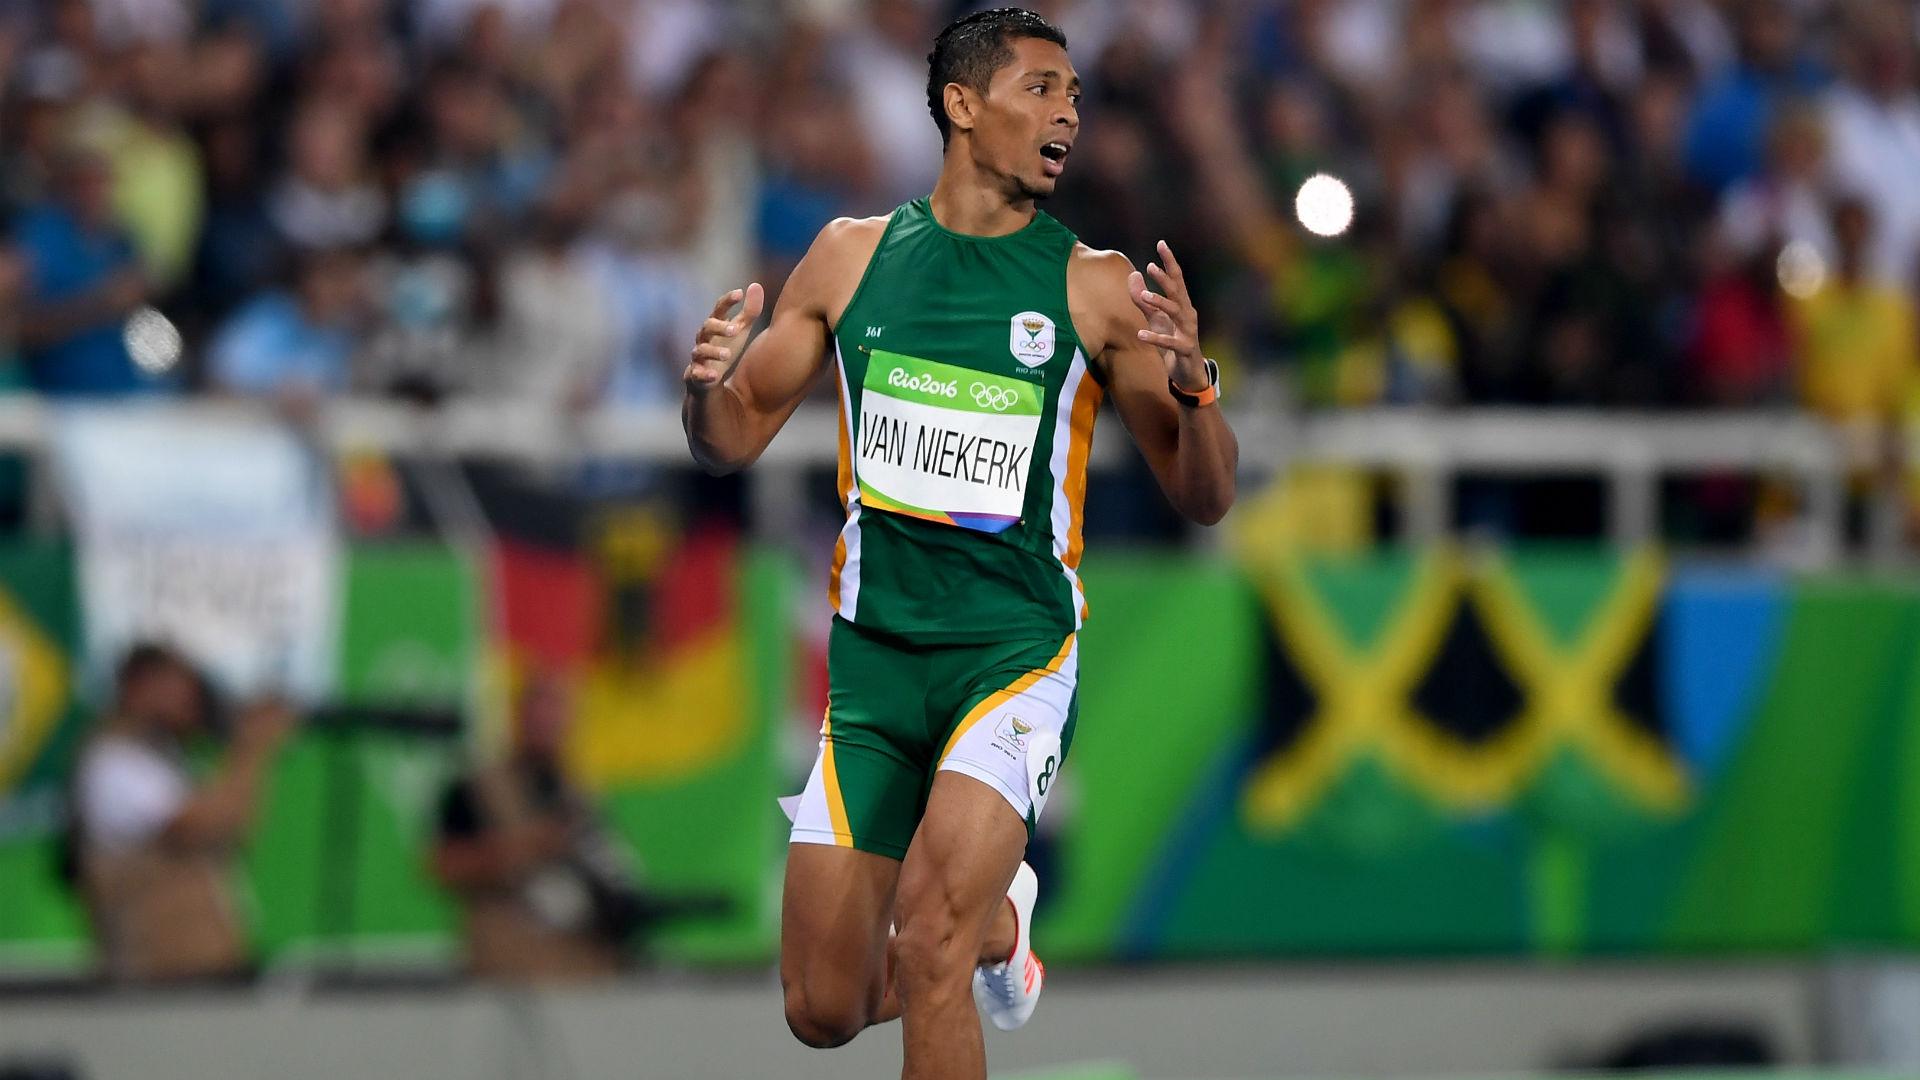 Other wayde van niekerk wins 400m in wr time sportal - Dive recorder results ...